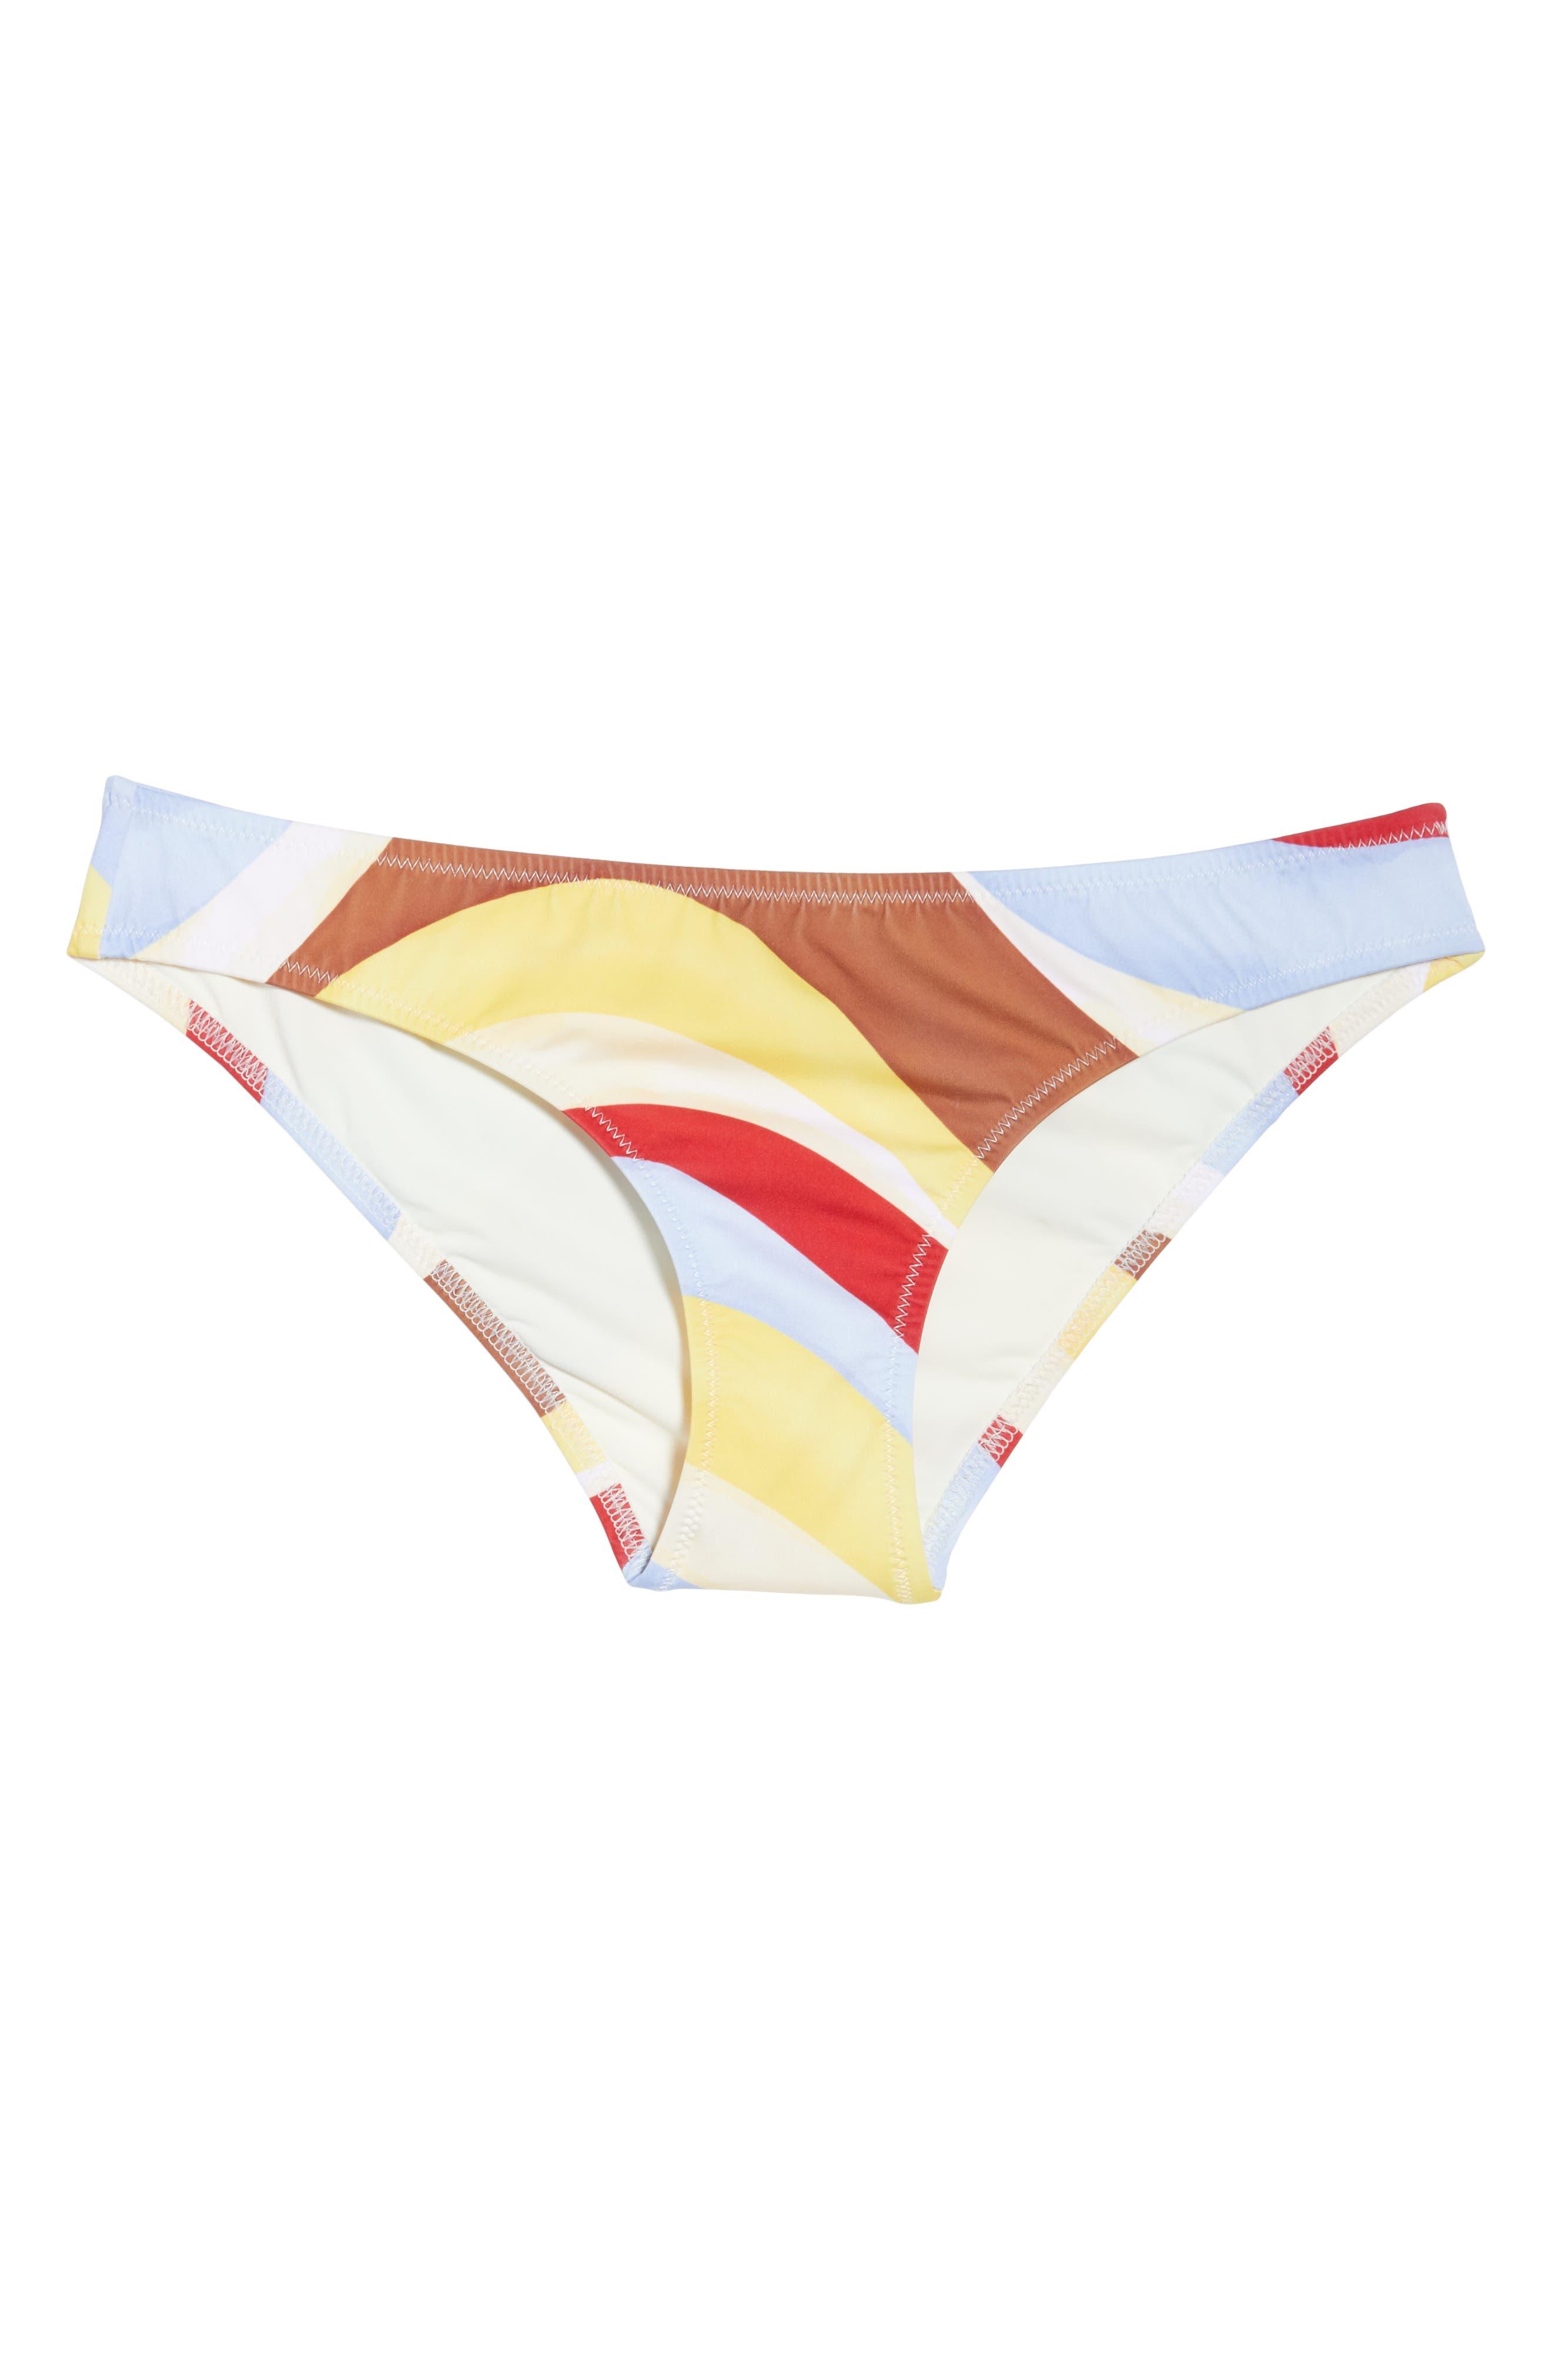 Elle Bikini Bottoms,                             Alternate thumbnail 6, color,                             408